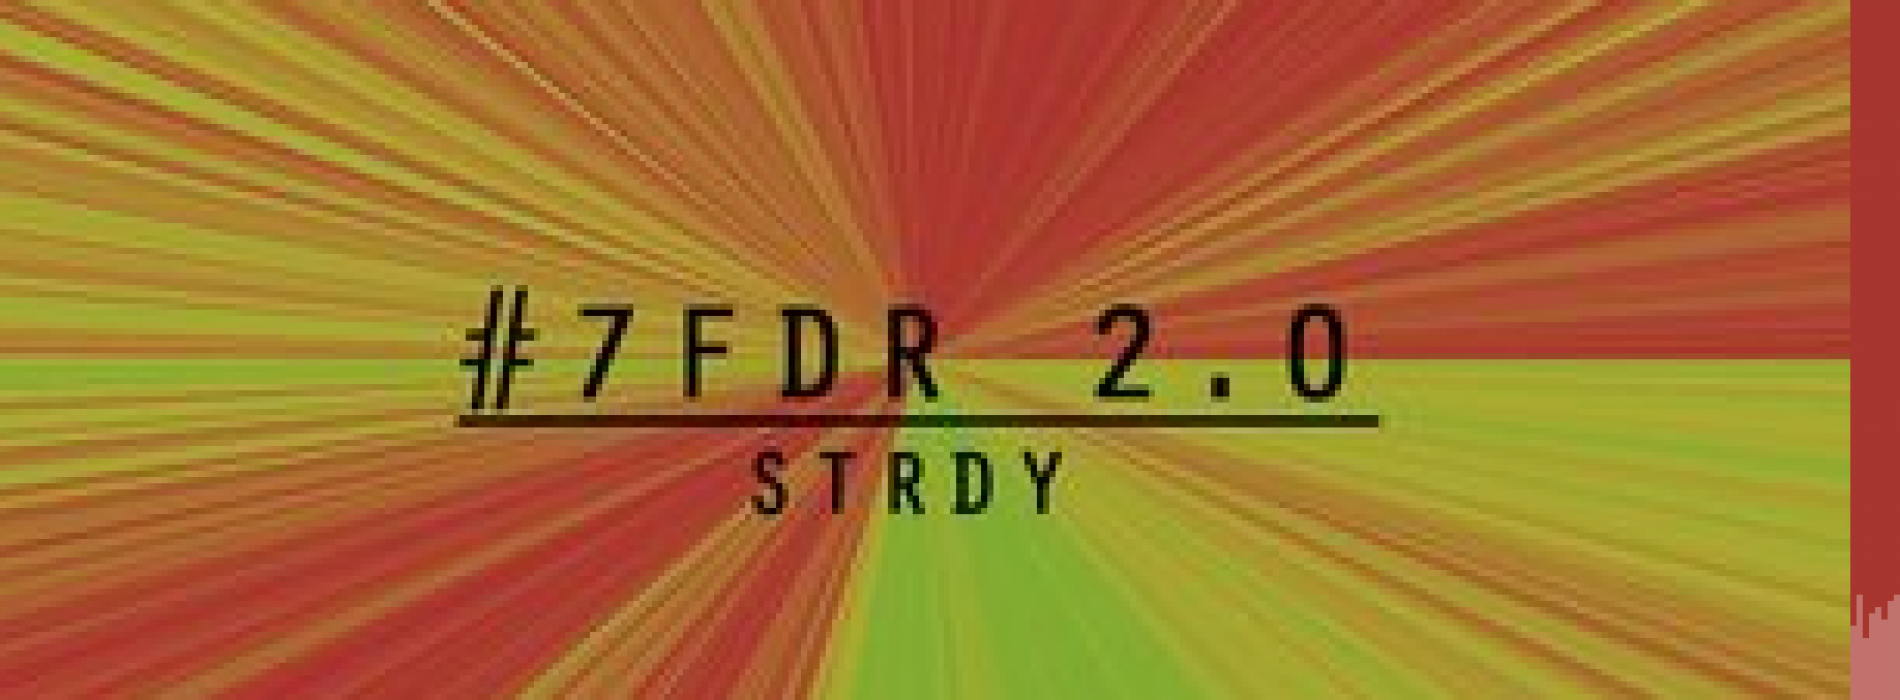 #7FDR 2.0: Daffy Maestro